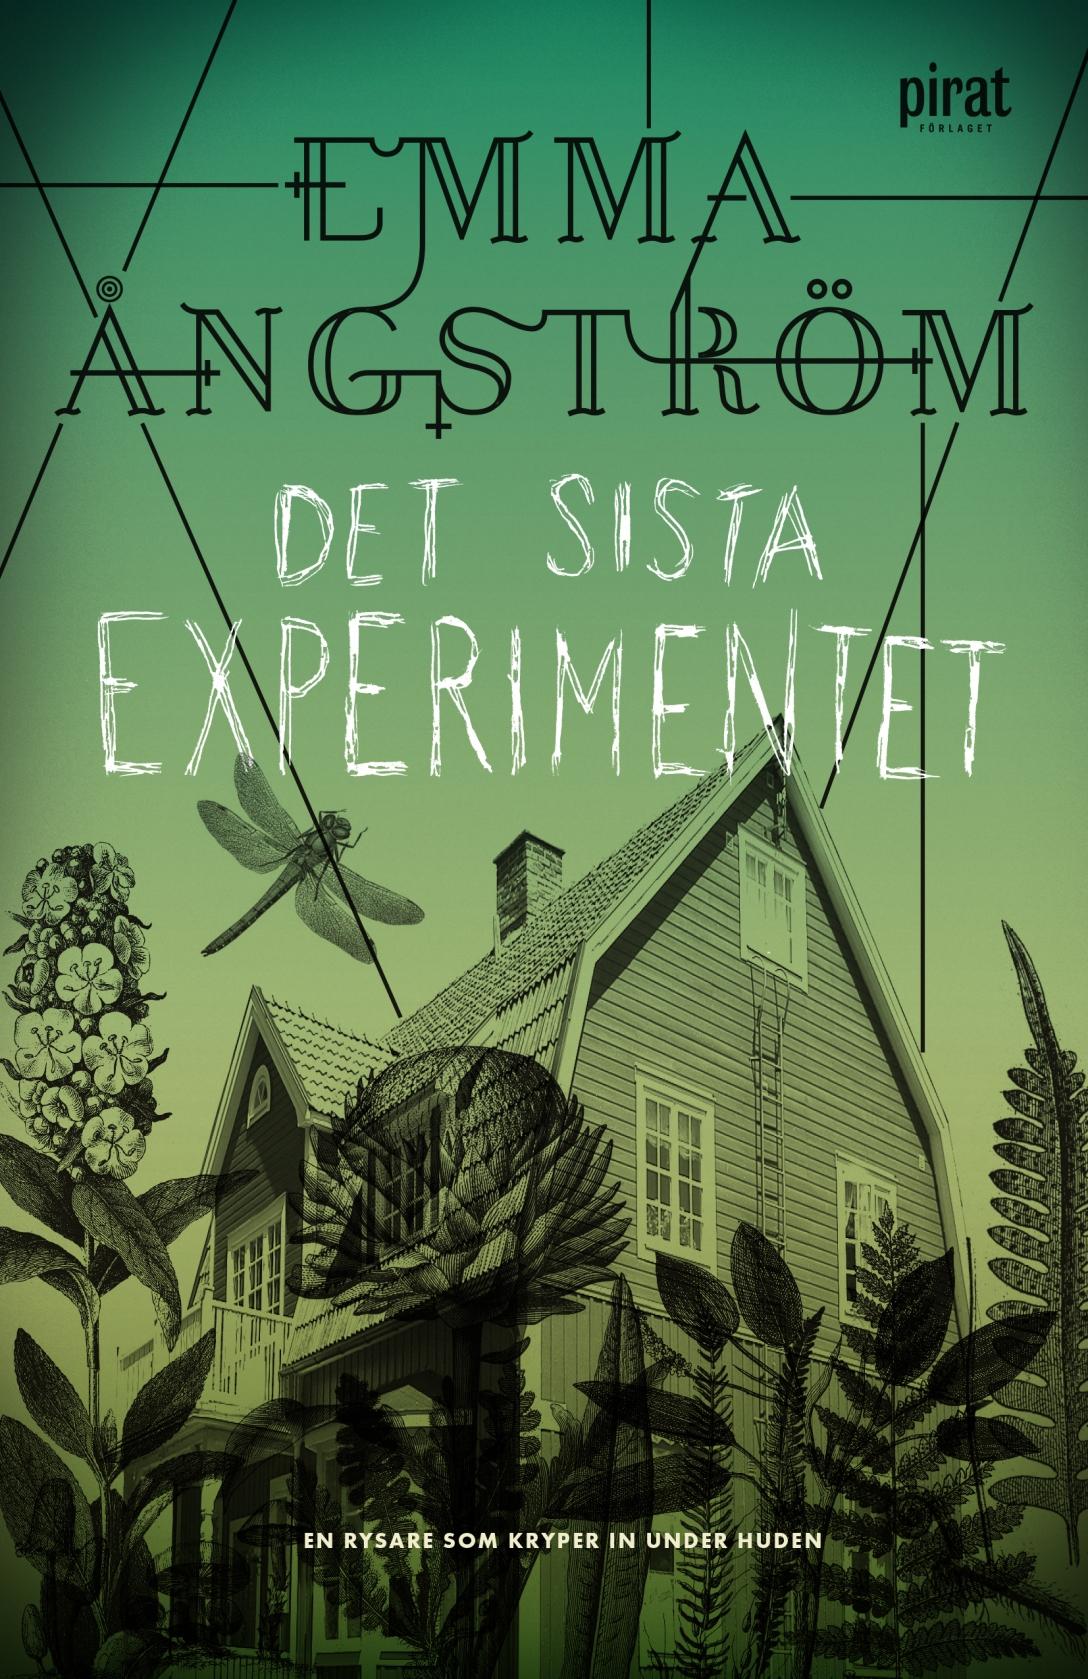 angstrom_detsistaexperimentet_omslag